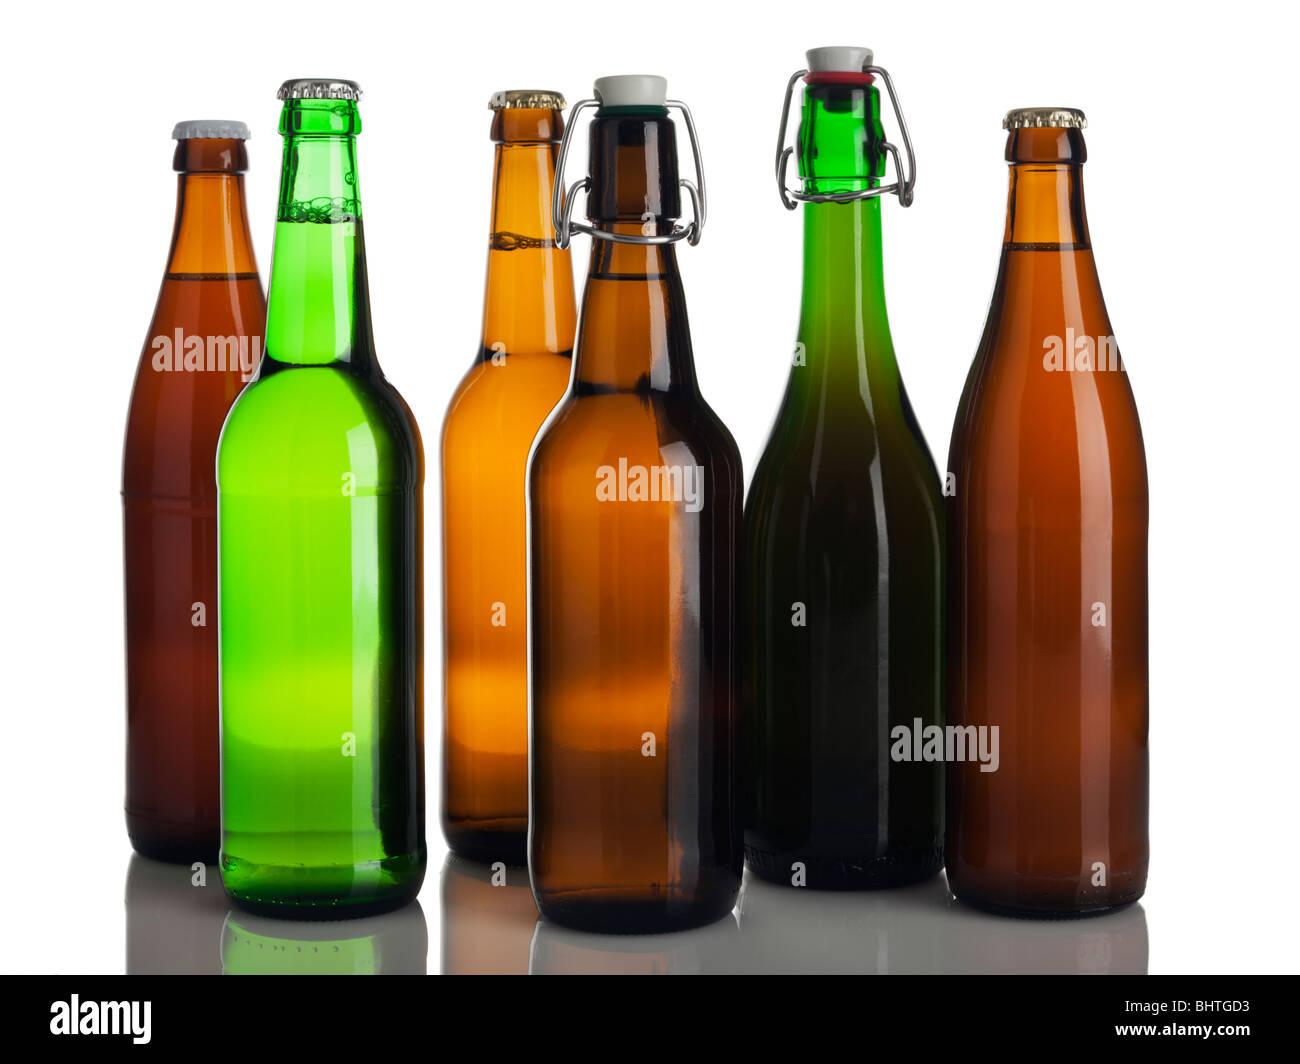 sechs verschiedene Flaschen Bier ohne Etiketten isoliert auf weiss Stockbild